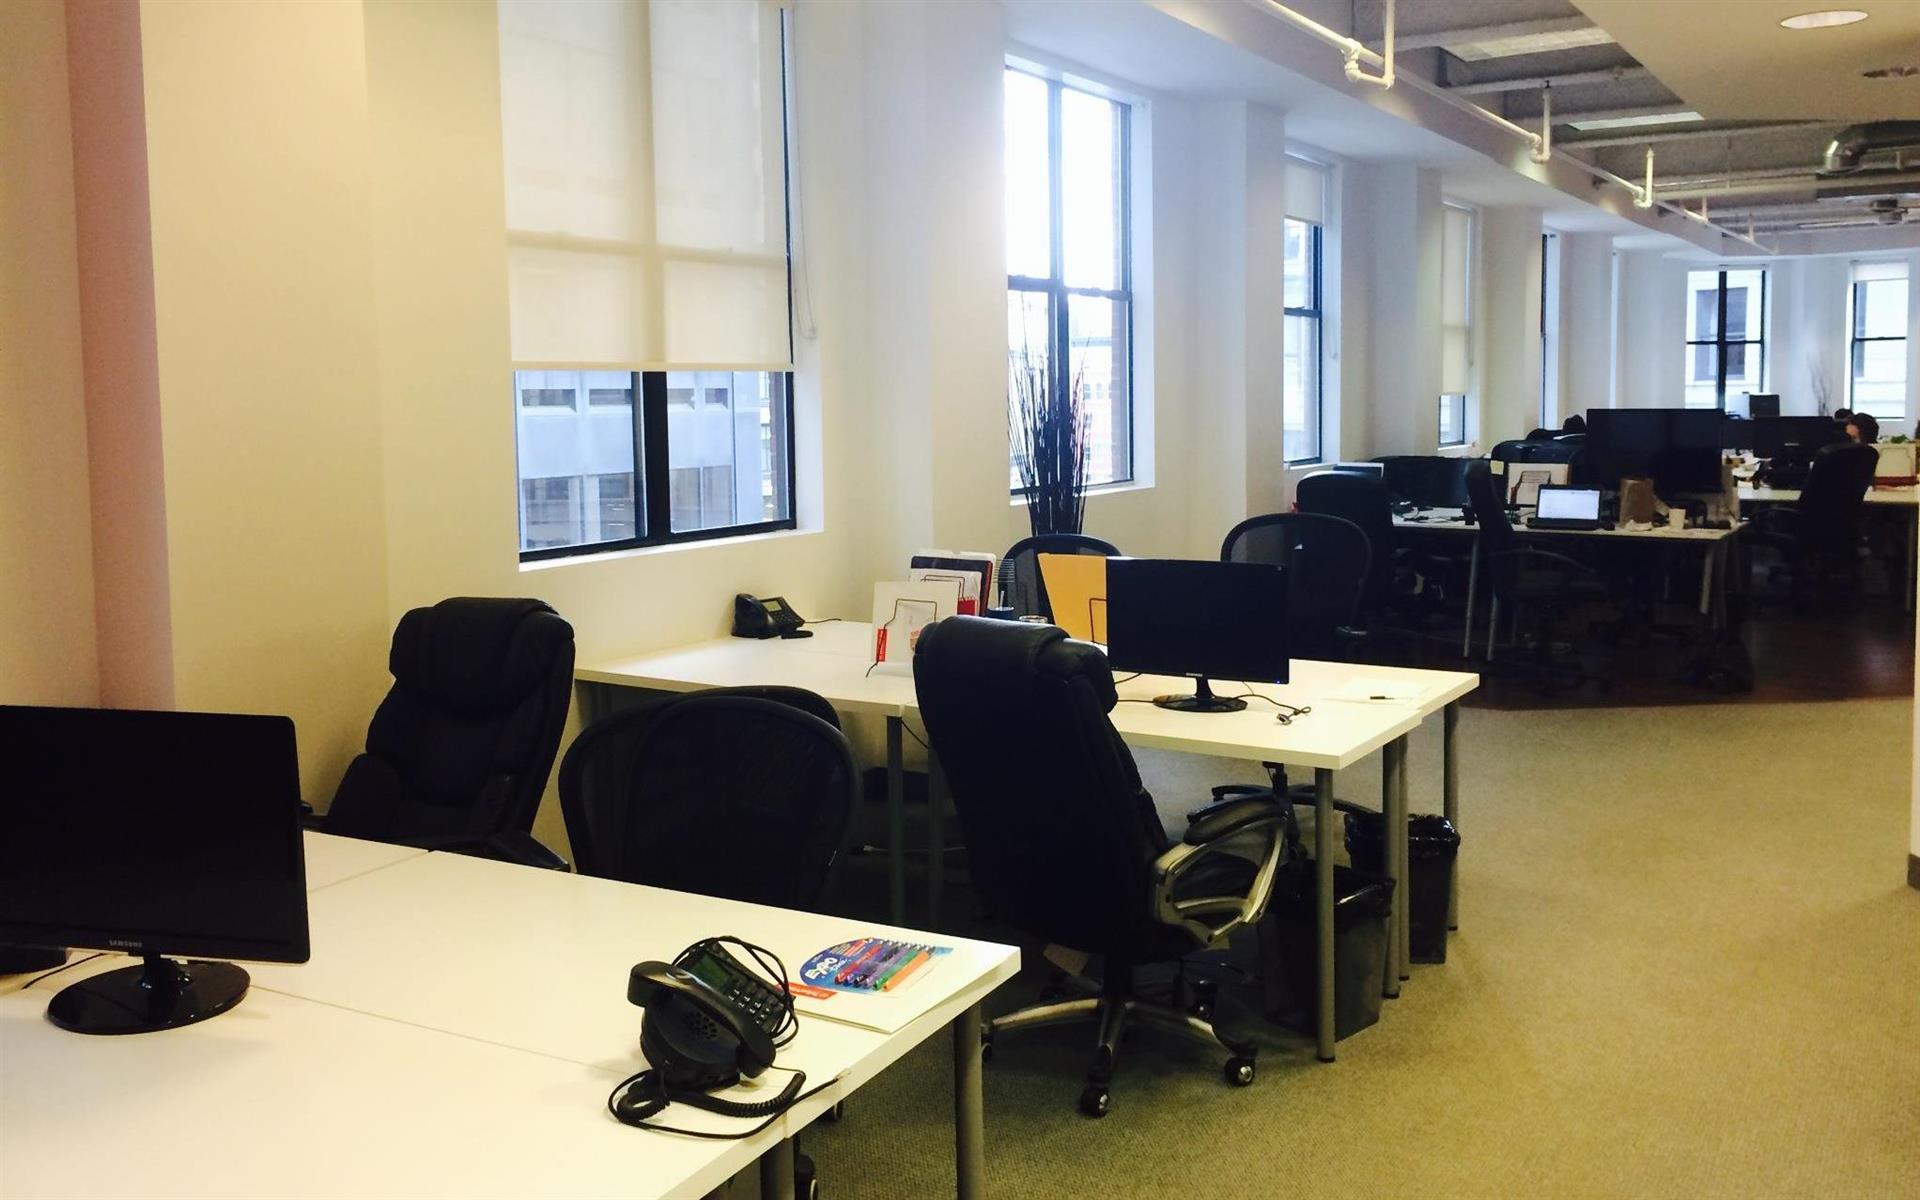 295 Devonshire - Financial District - Dedicated Desks for 4